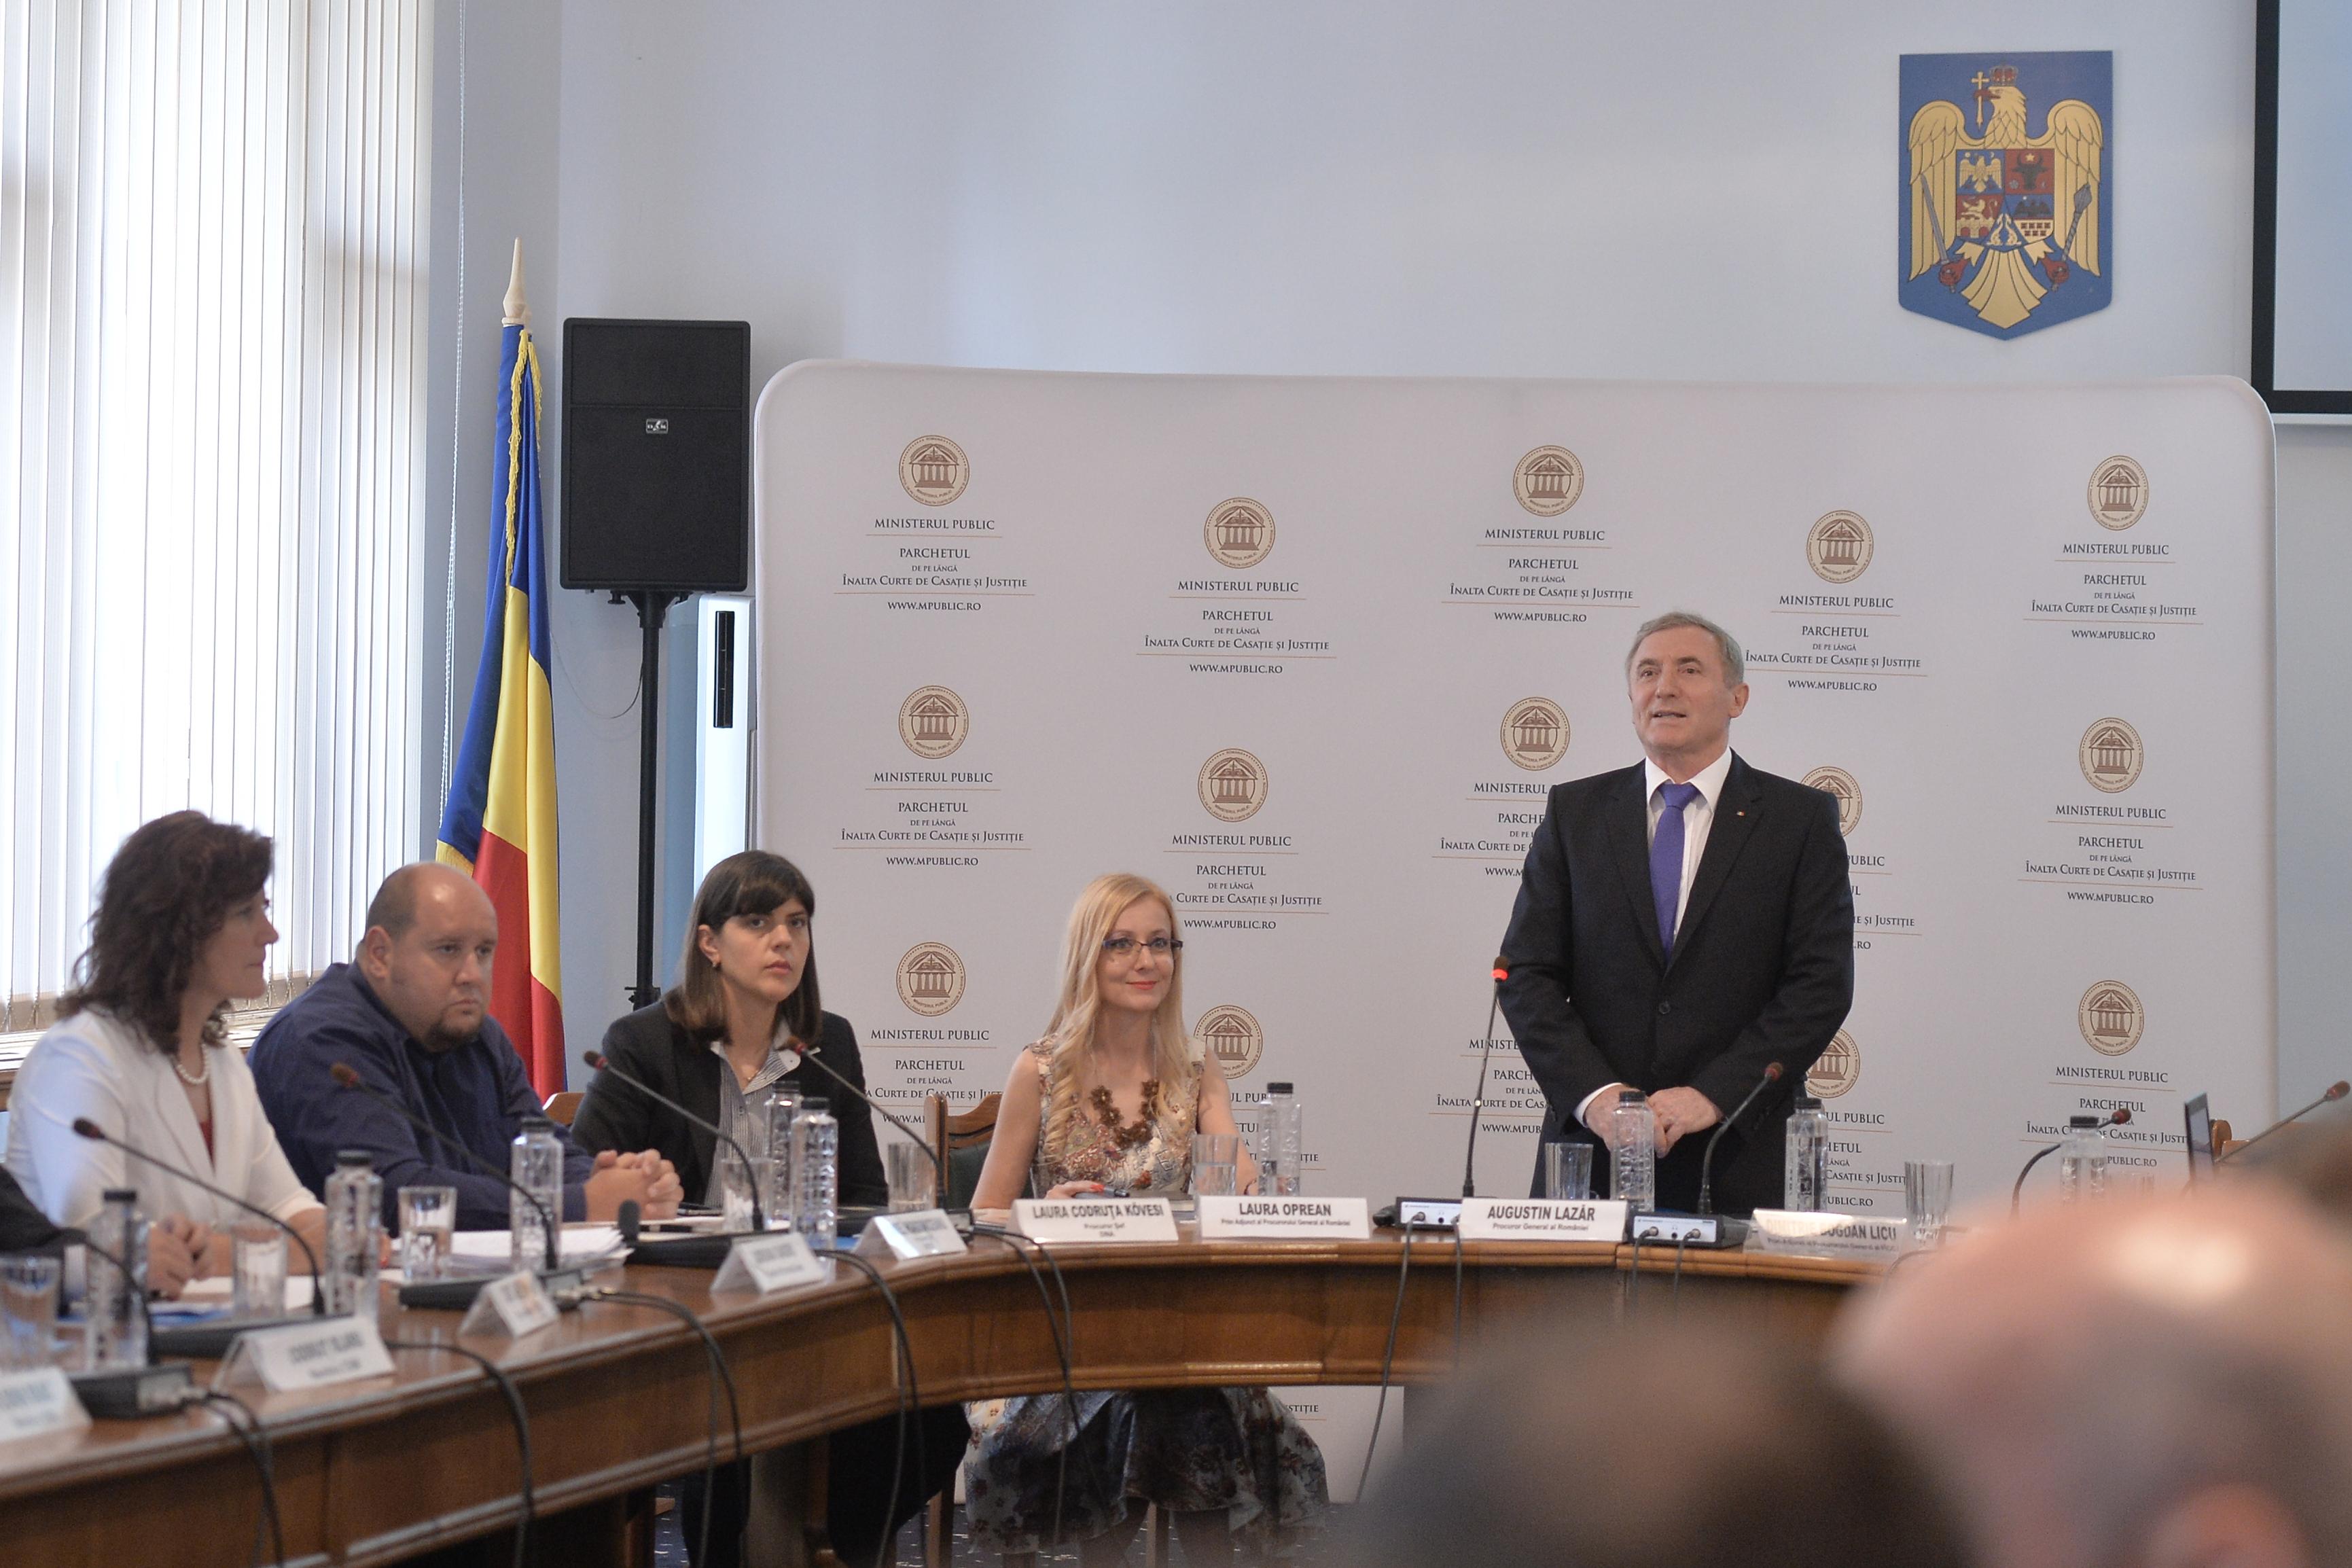 Procurorul general Augustin Lazăr, ATAC dur la adresa celor care îi cheamă pe procurori la audieri: Nişte inculpaţi de rang înalt vor ca discuţiile să aibă loc în alt mediu în afară de cel judiciar